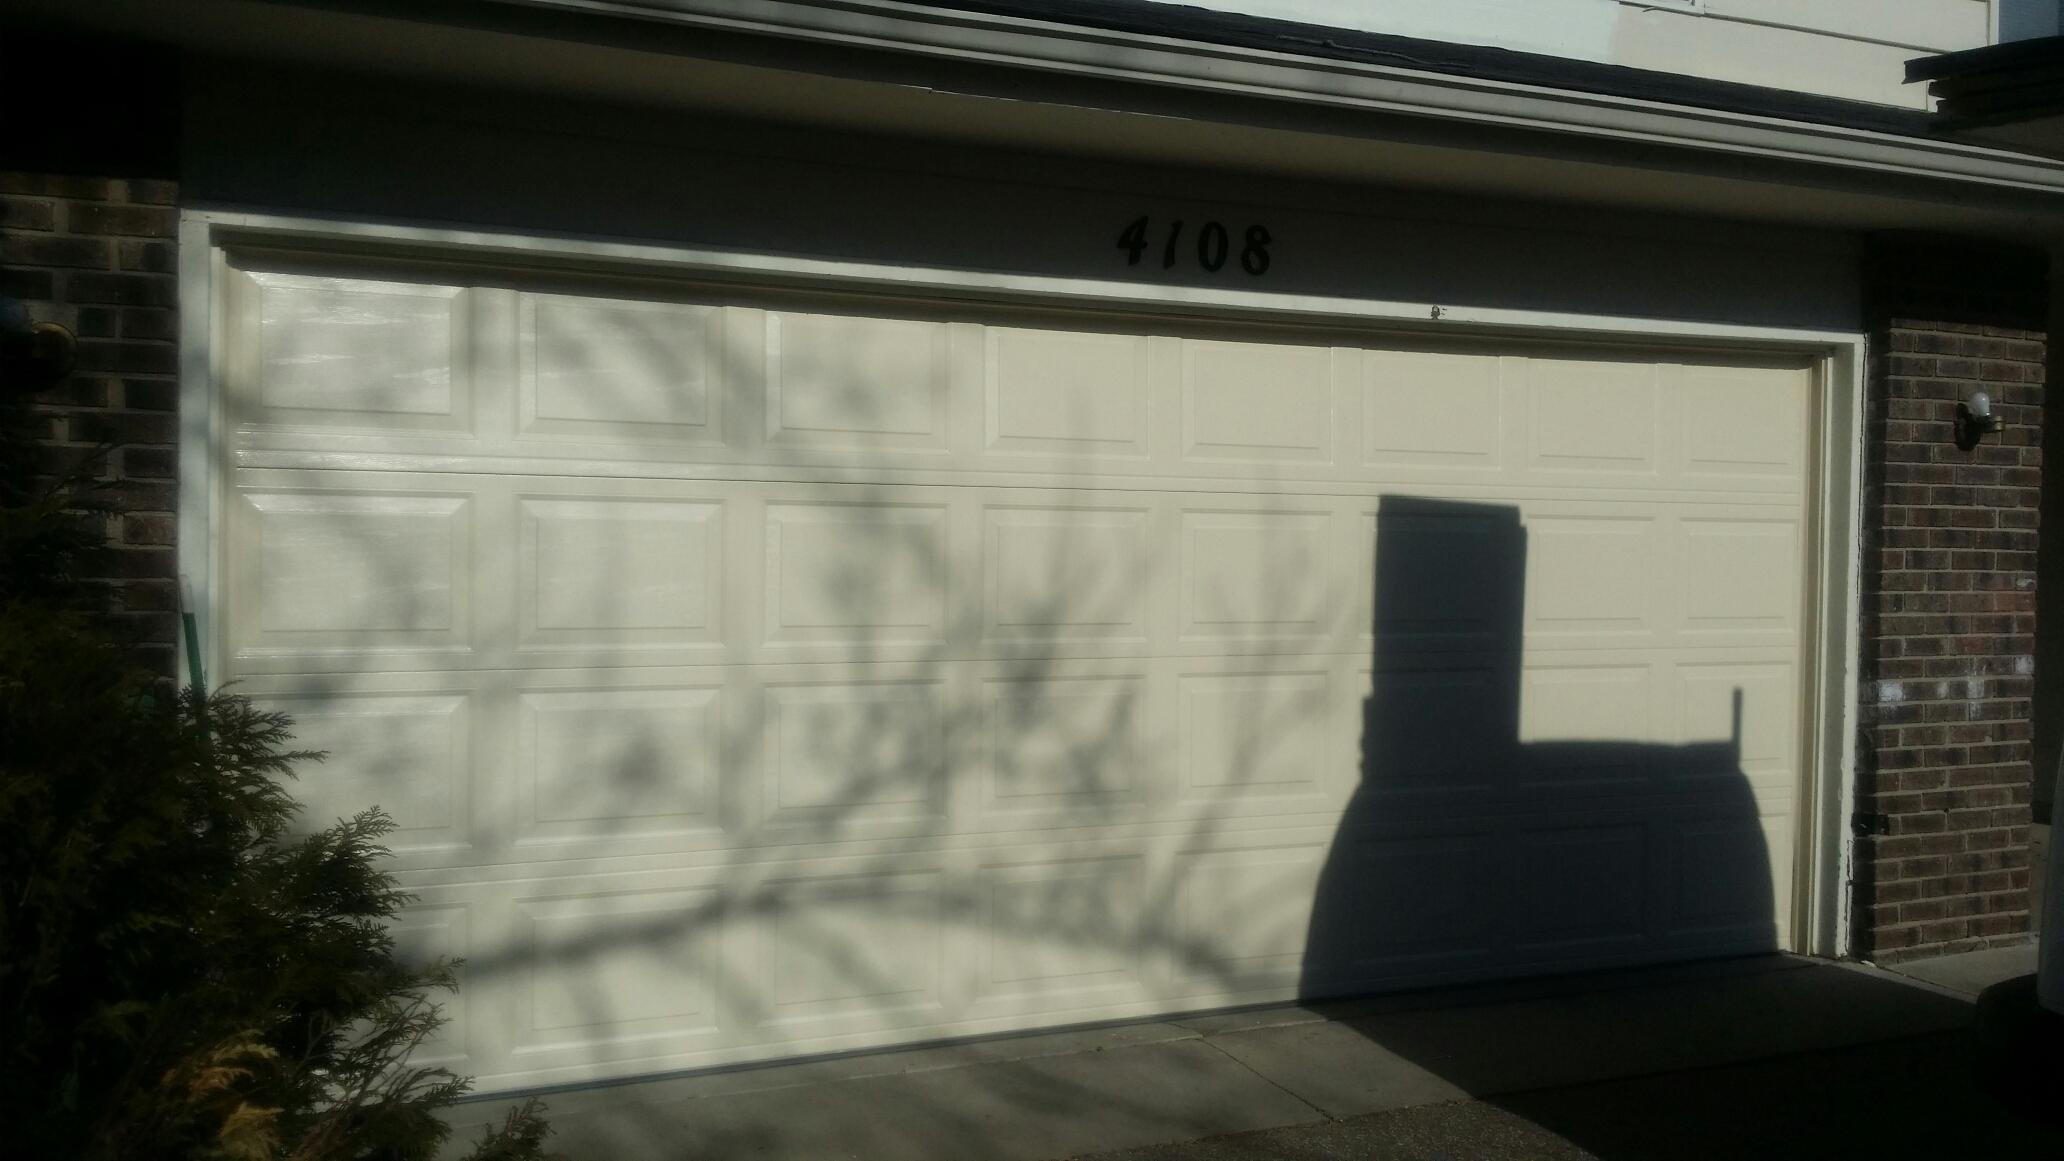 New Hope, MN - Jon installed North Central RP25 16 X 6'6 garage door